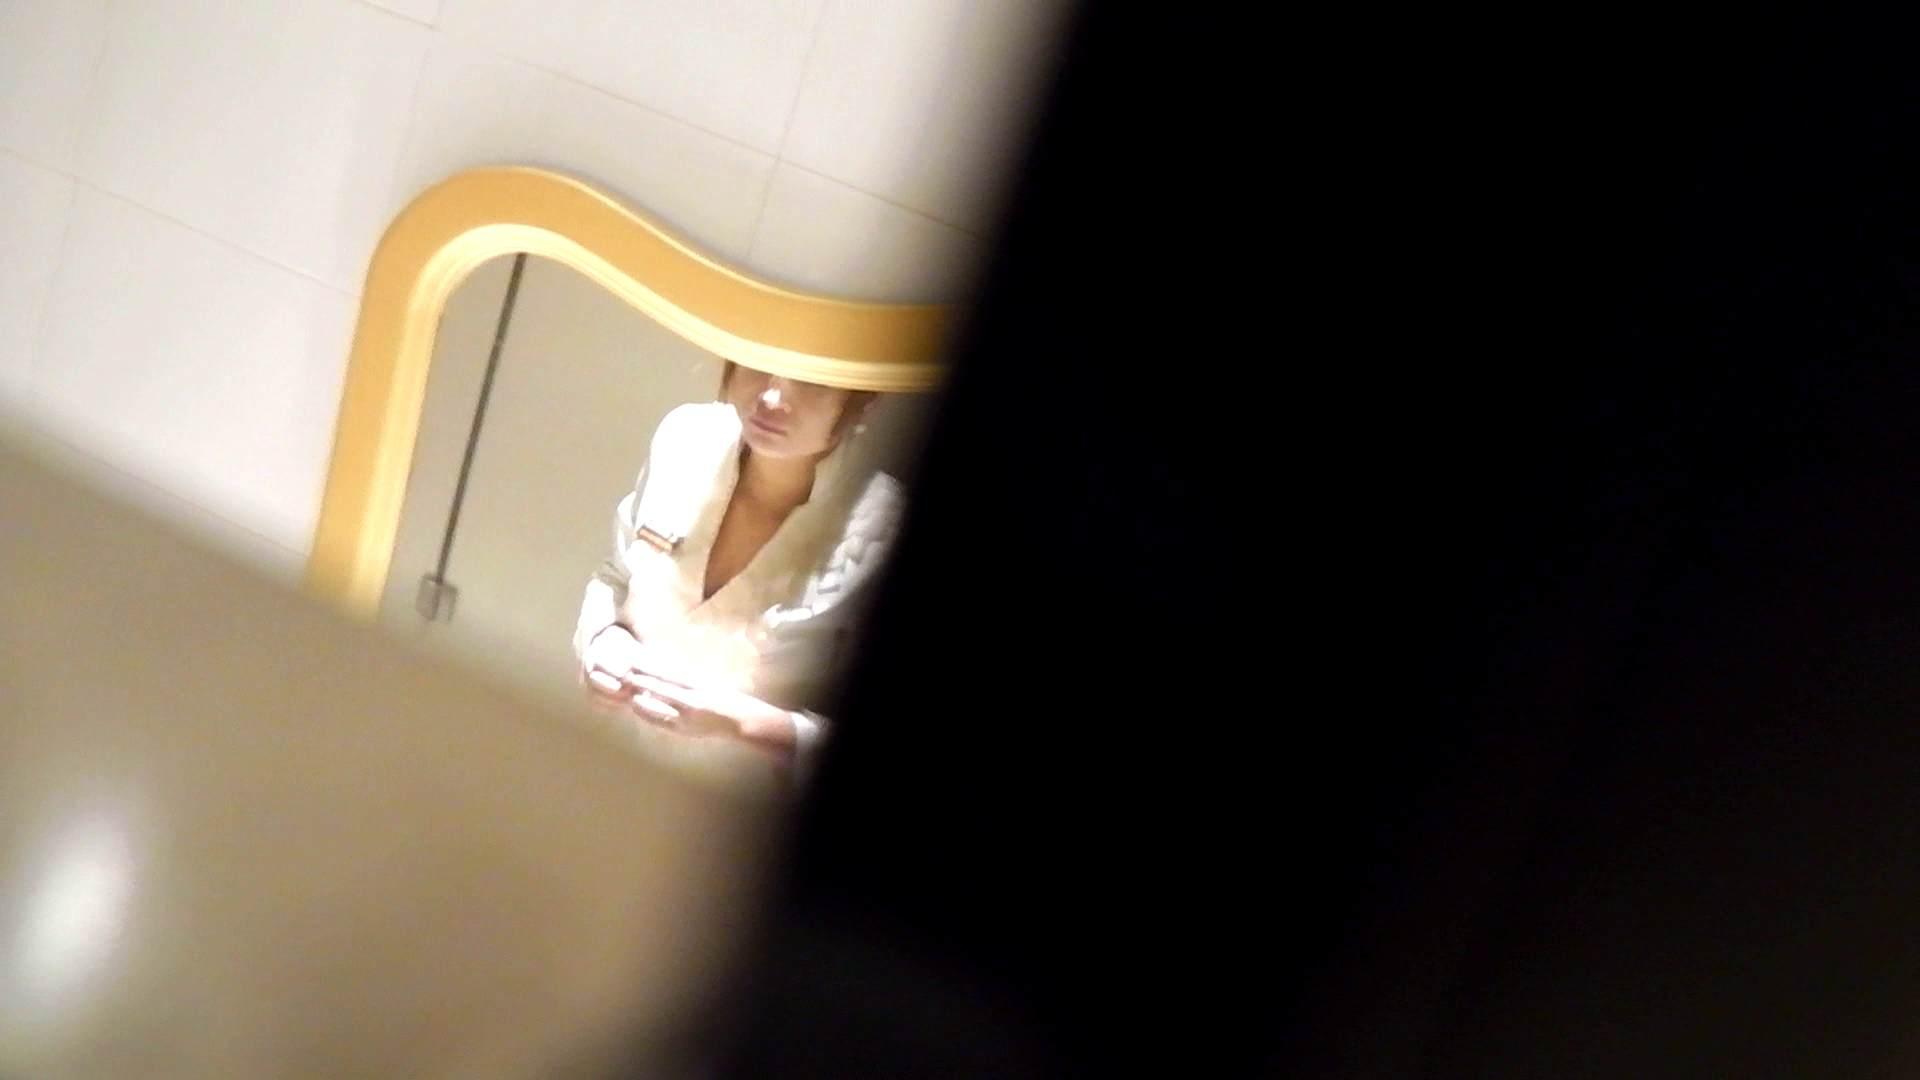 洗寿観音さんの 化粧室は四面楚歌Nol.3 いやらしいOL | 0  53連発 4